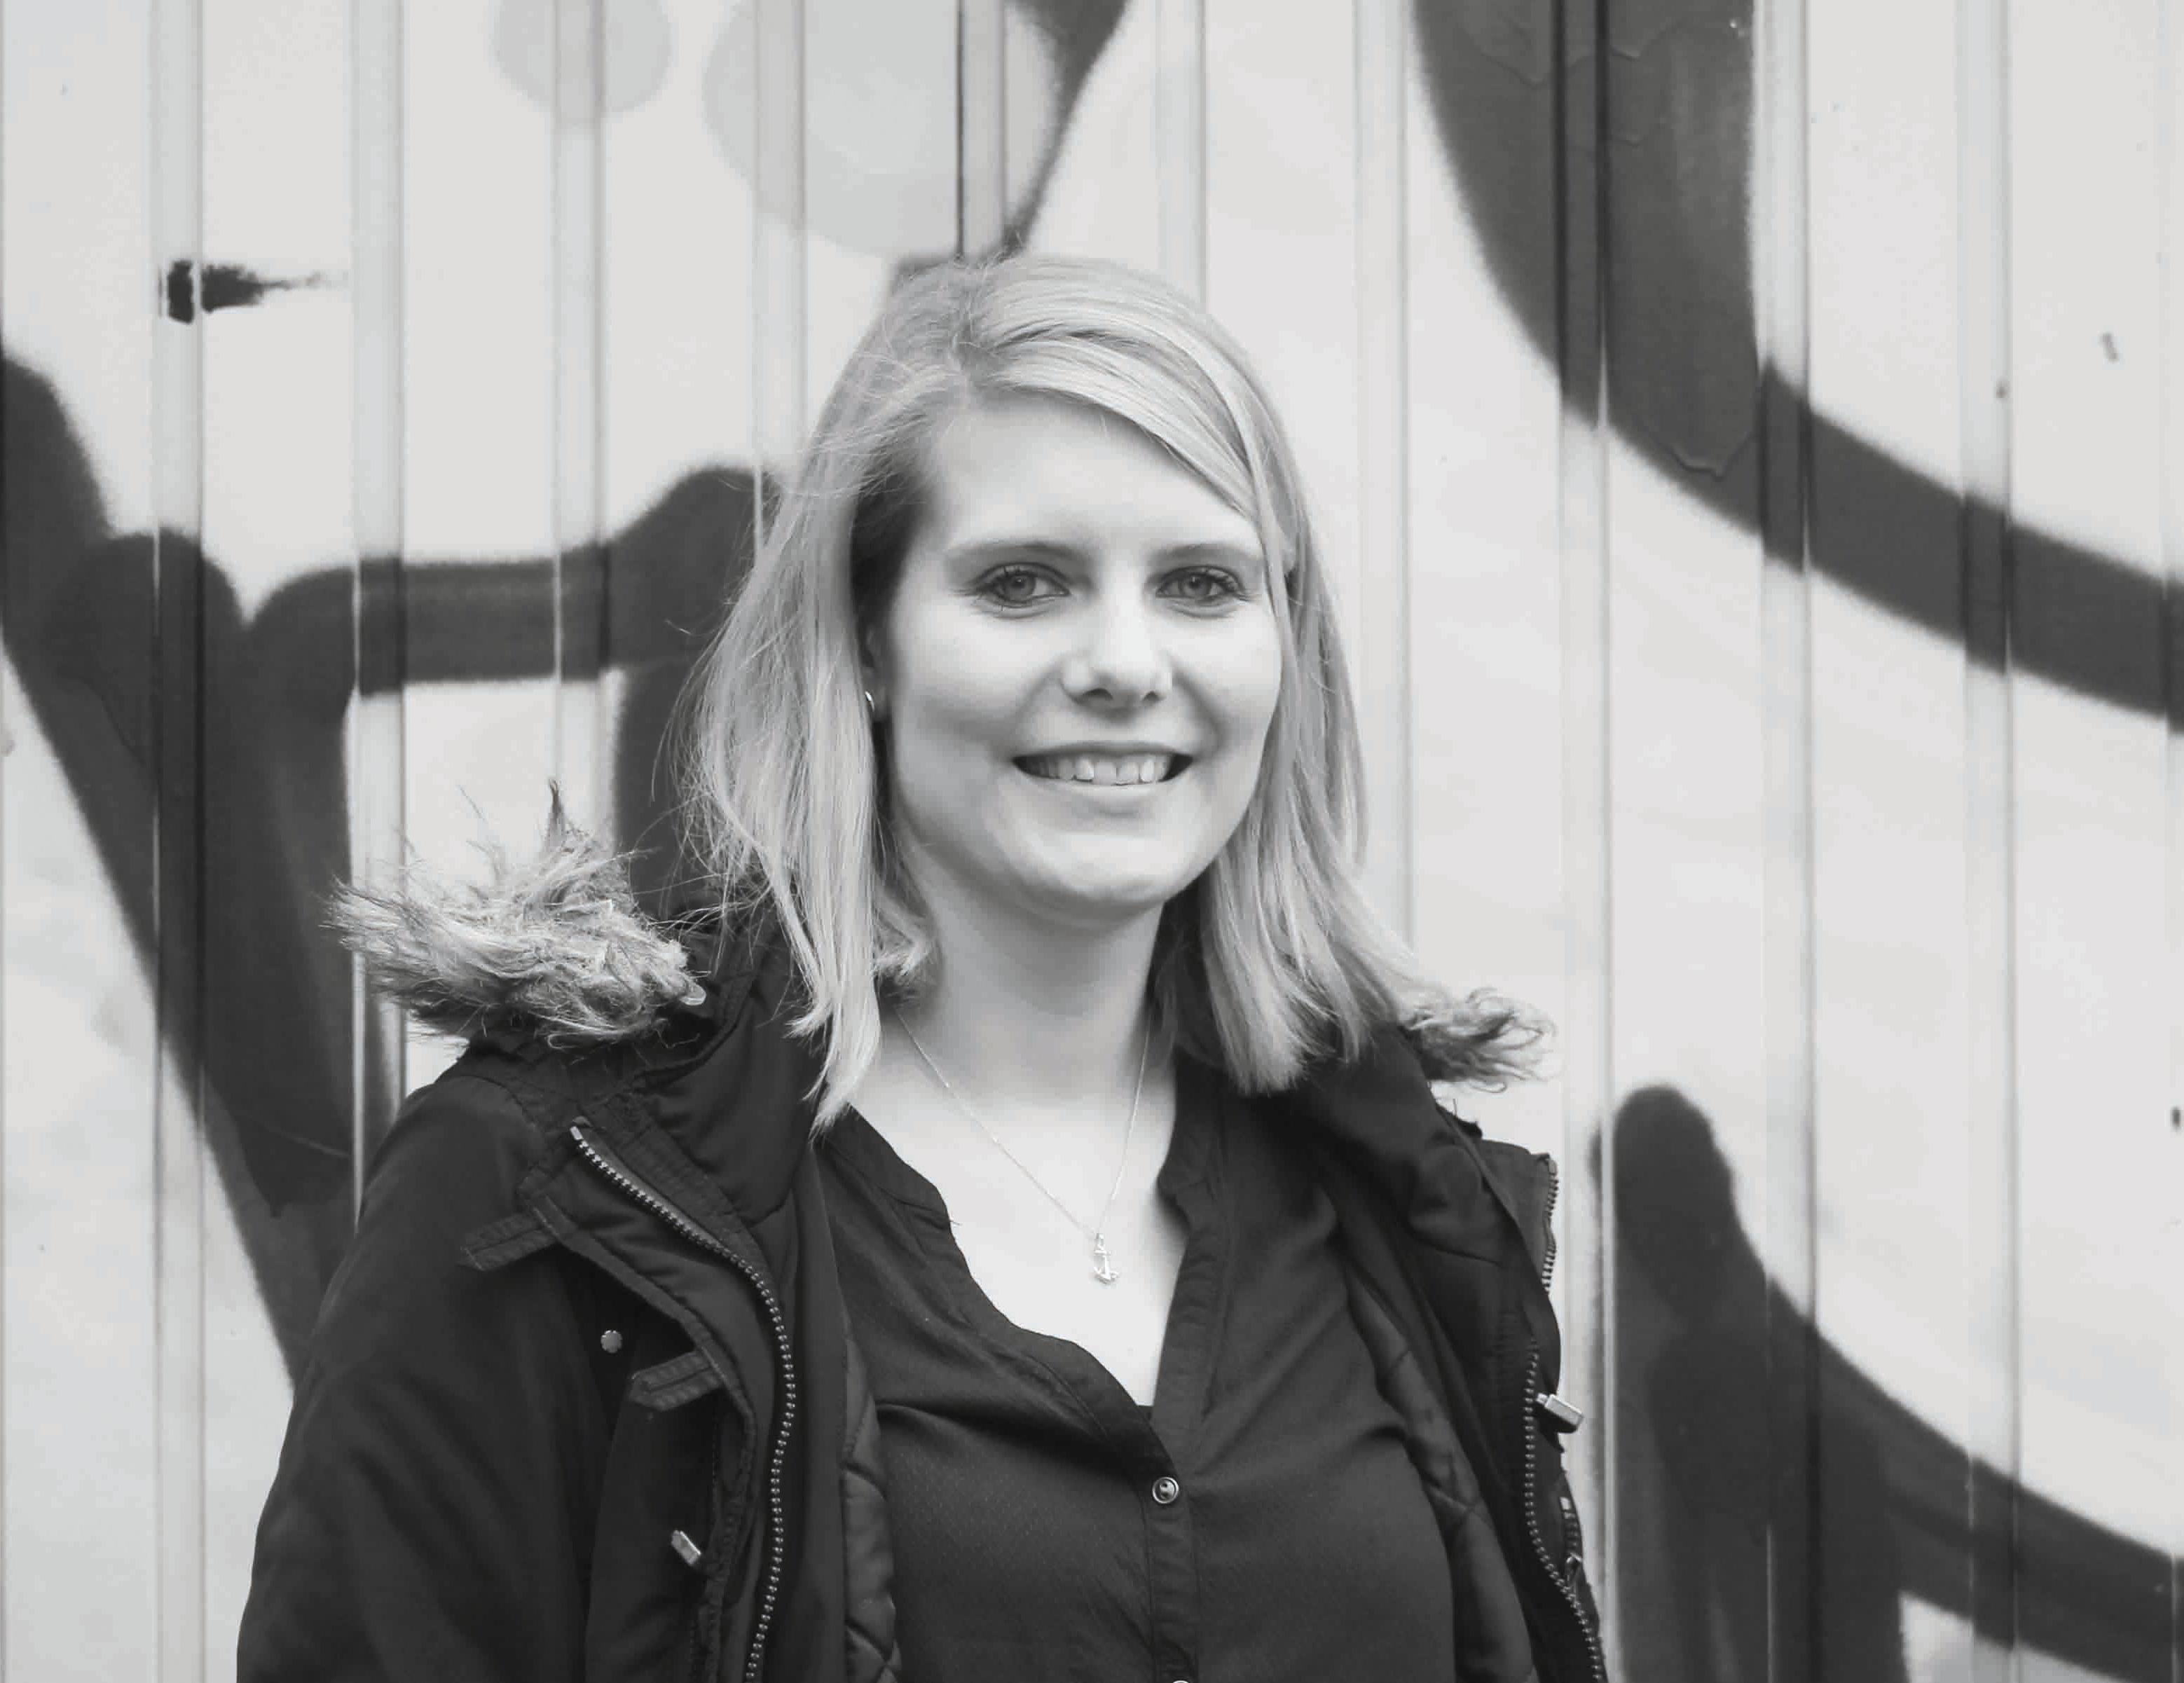 Eine blonde junge Frau steht vpr einer Wand und lächelt.